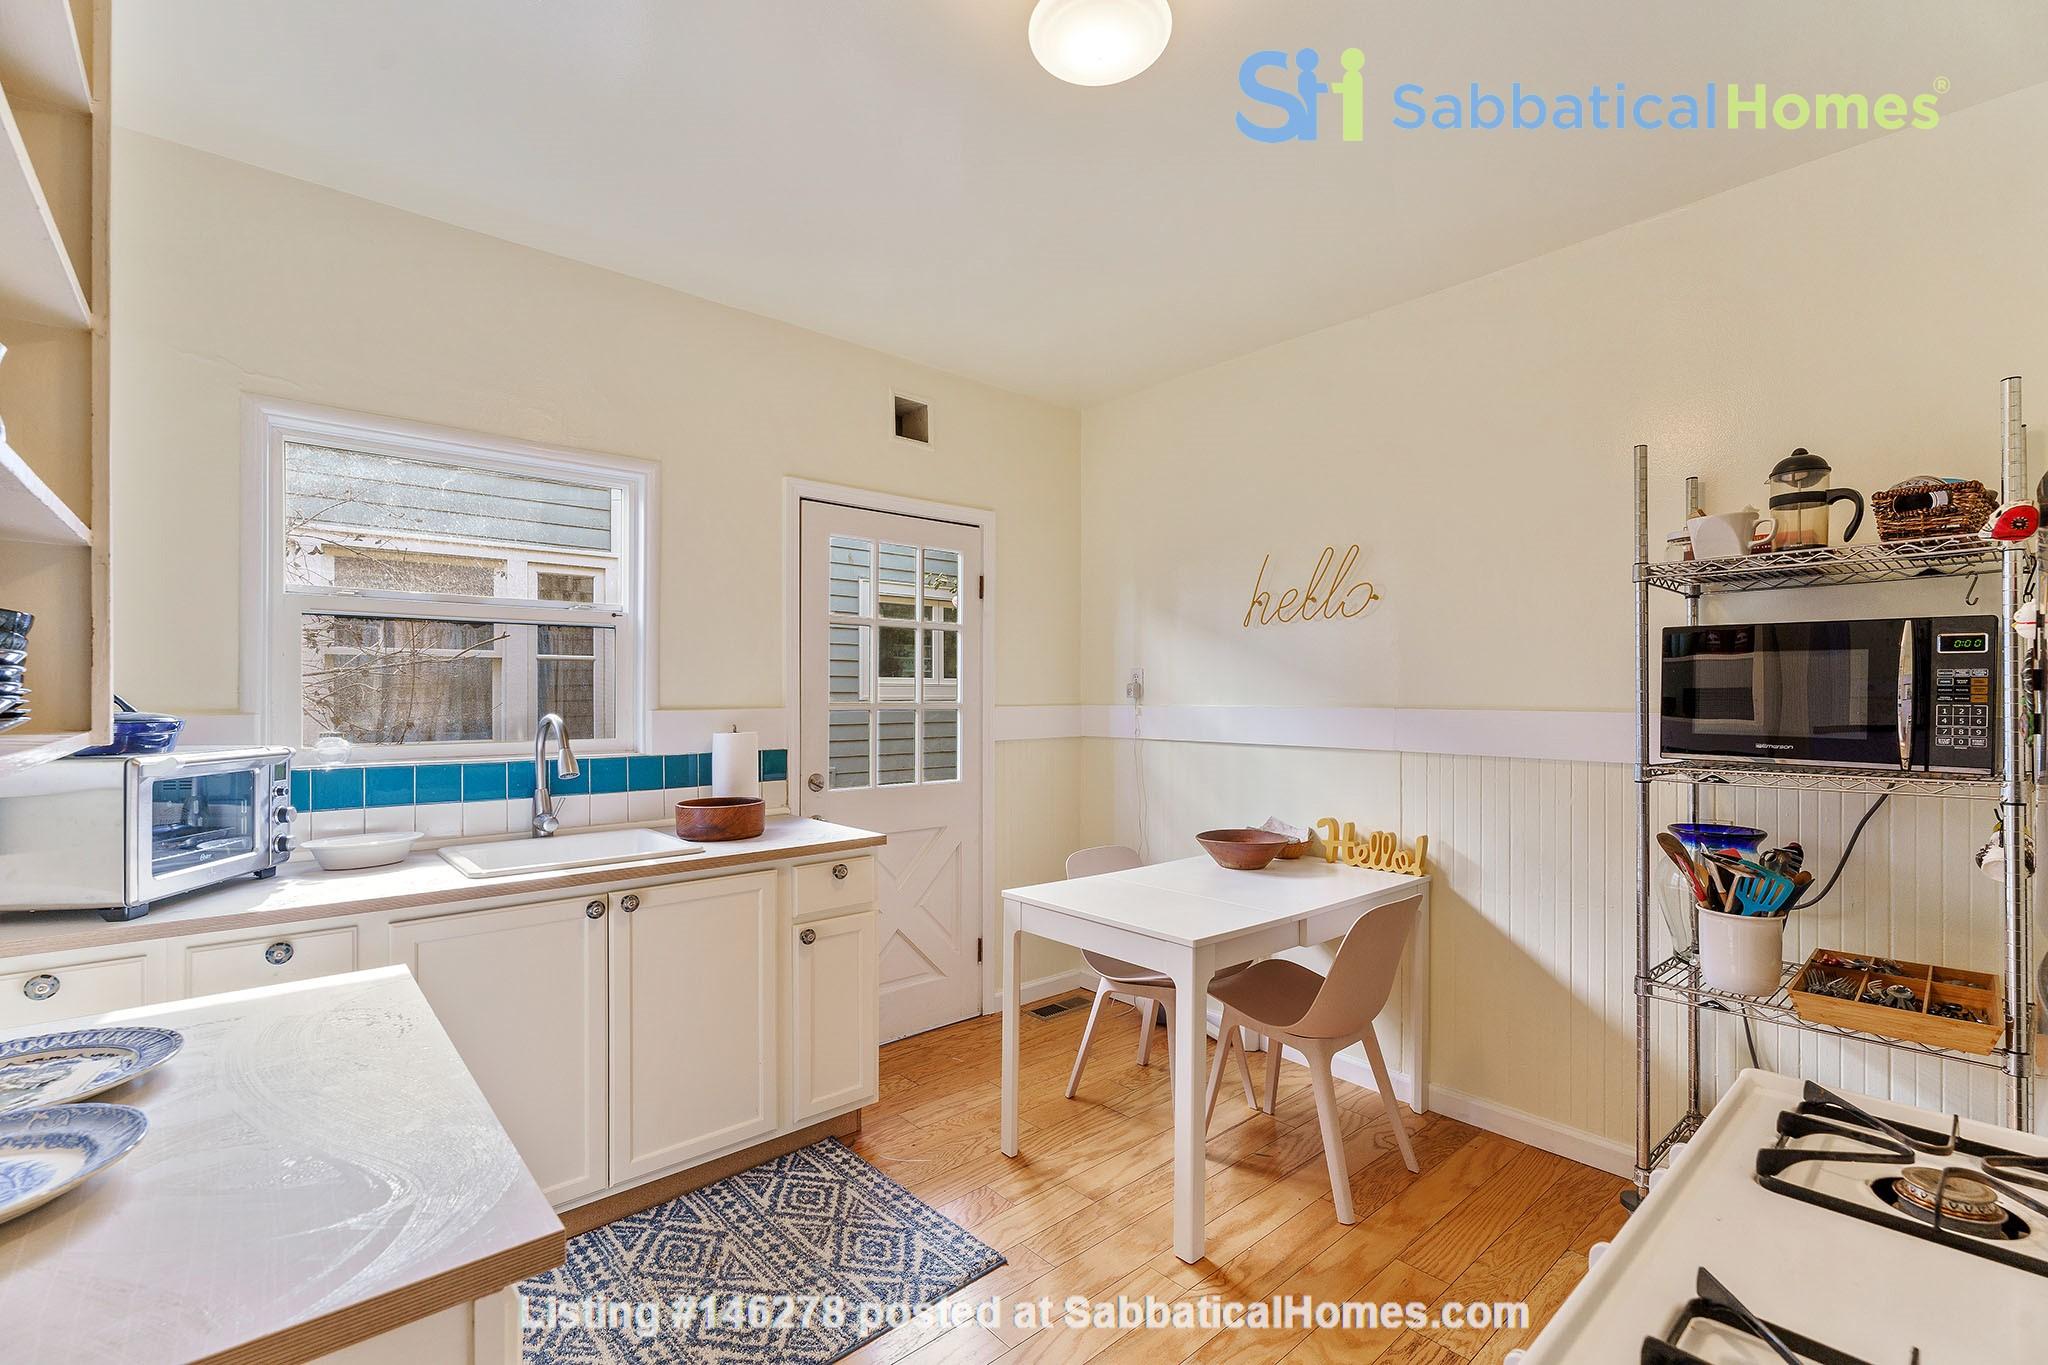 No kidding, the best location in Berkeley! Home Rental in Berkeley 6